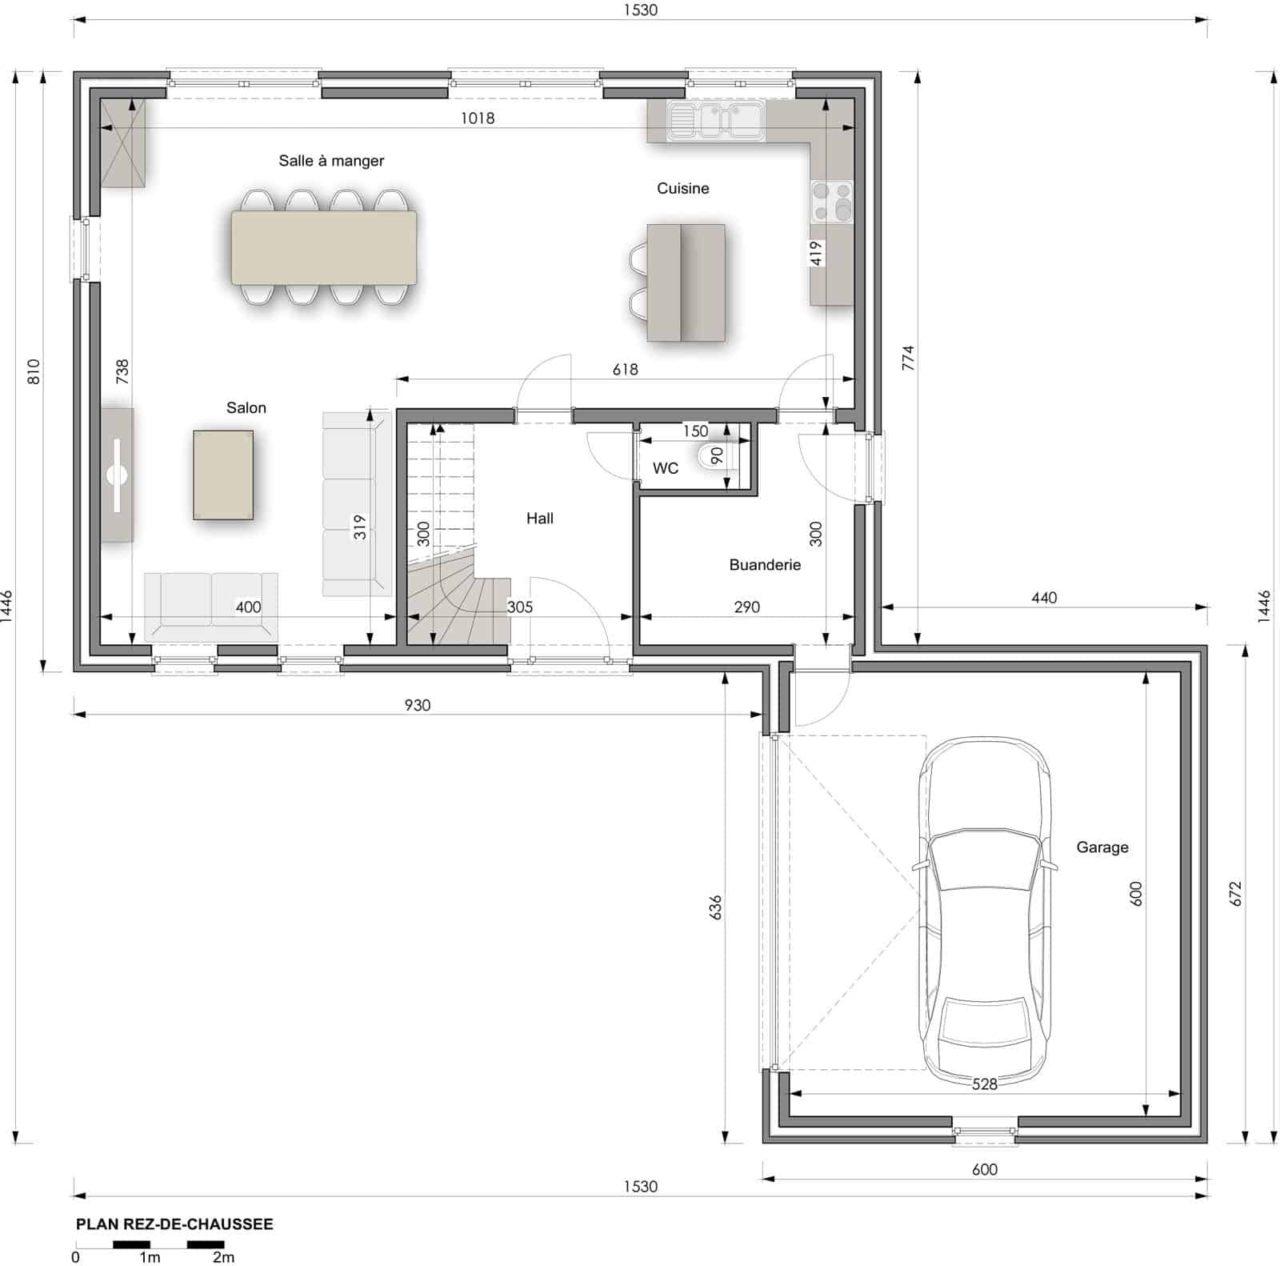 2929cbf3660 Plan rez-de-chaussée maison clé sur porte modèle XL22